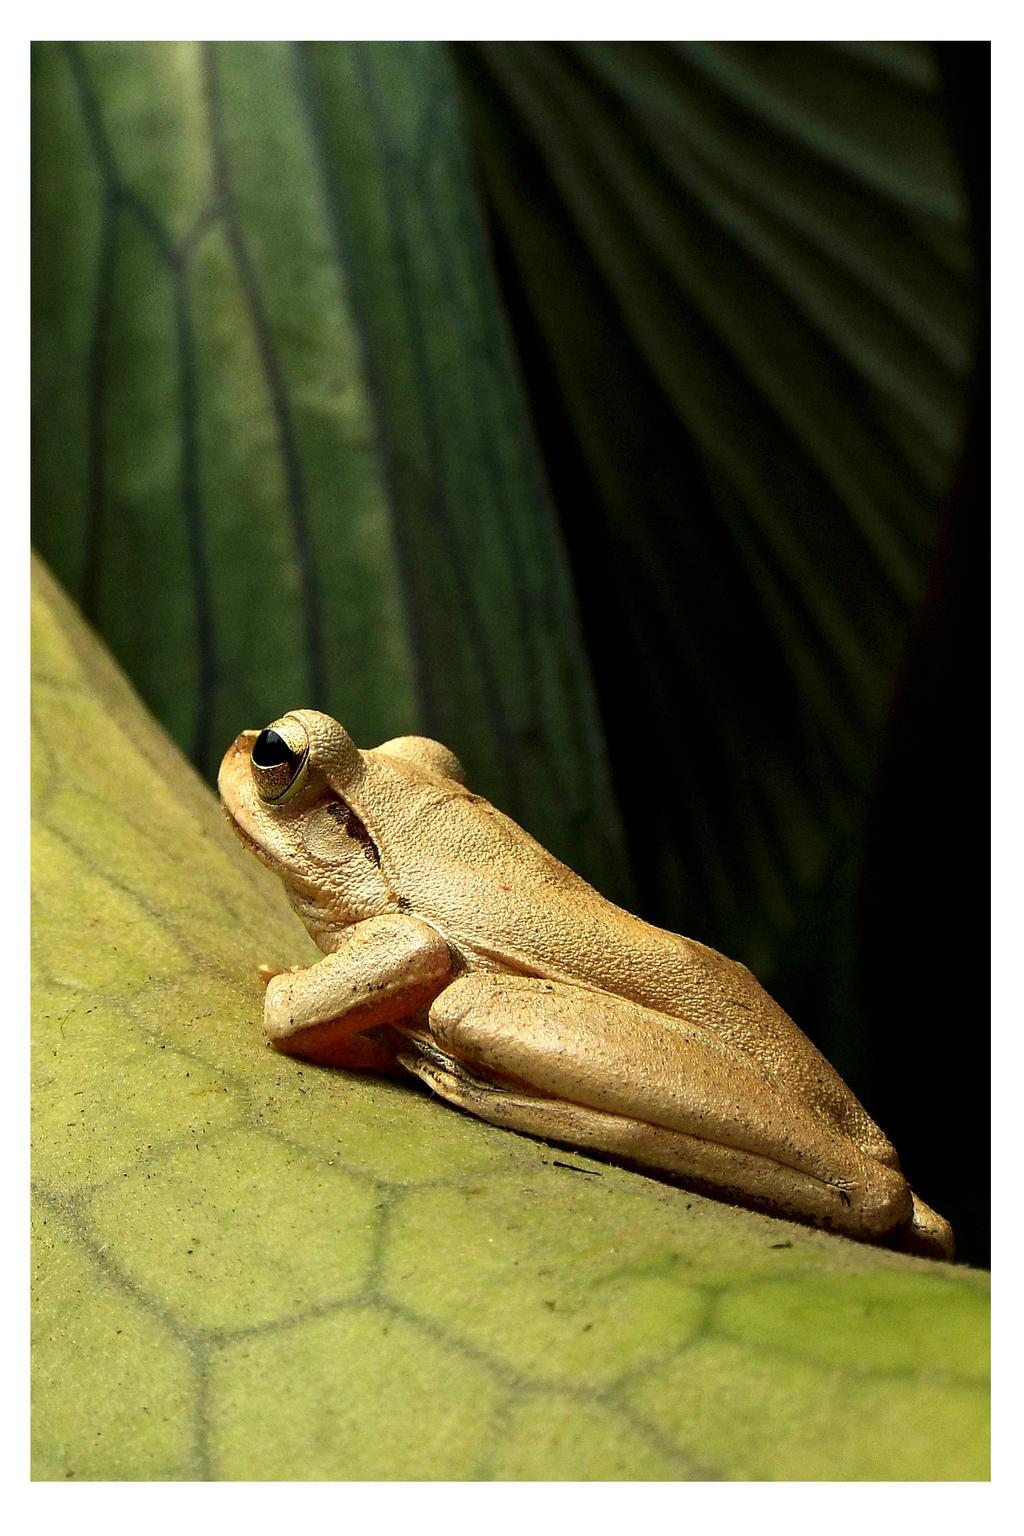 Tree frog by kiew1